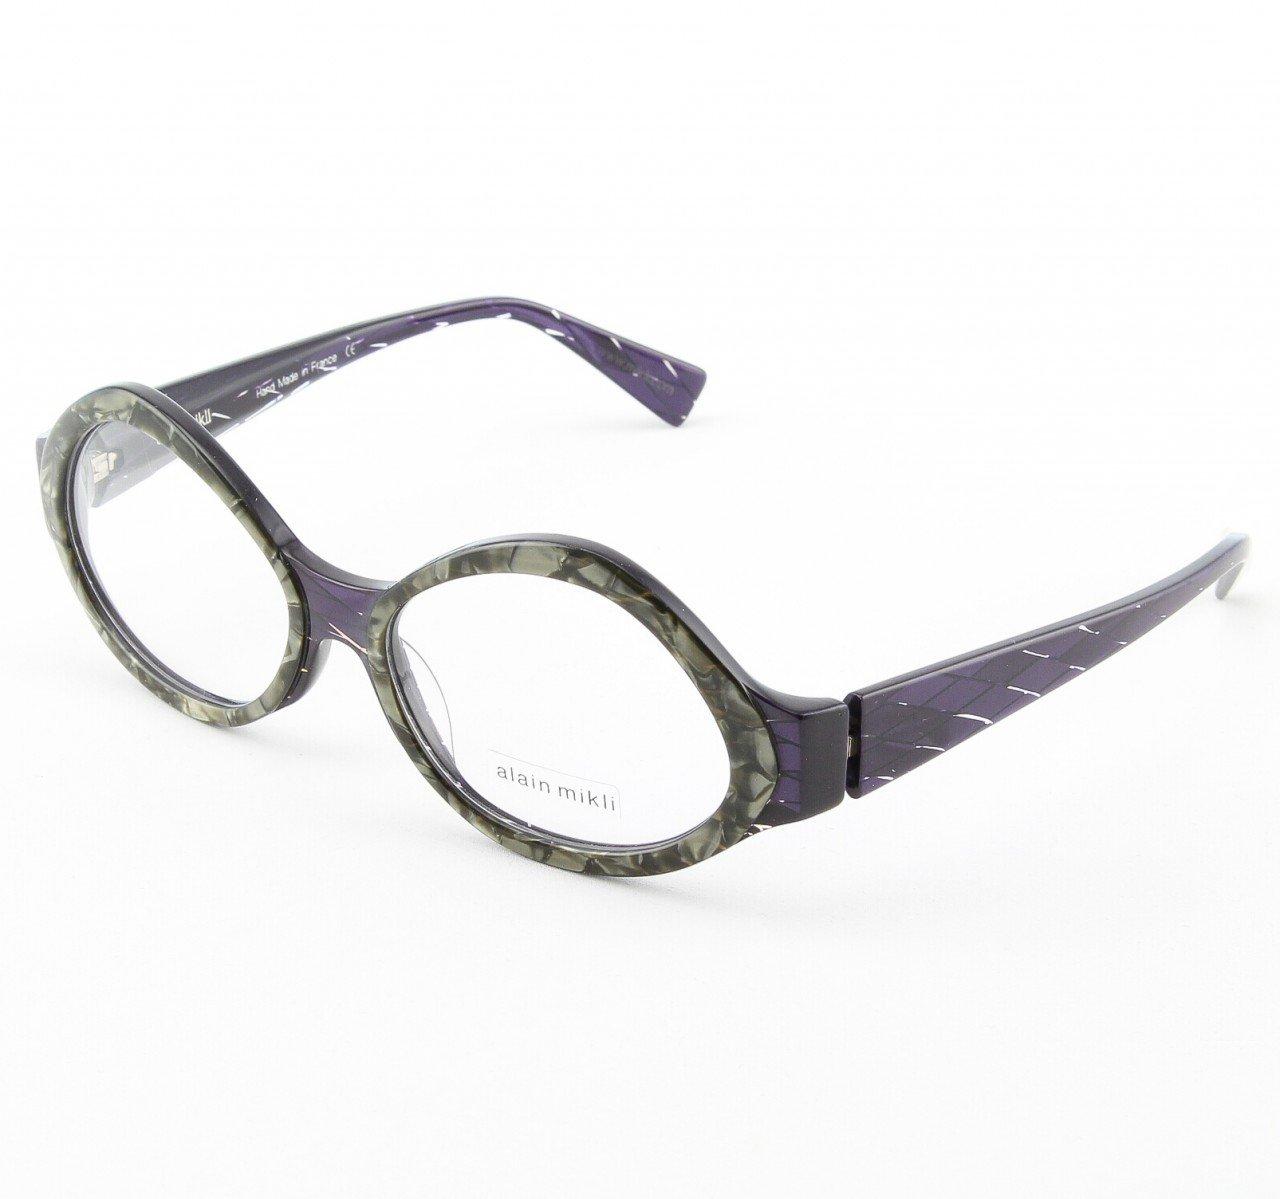 Alain Mikli Eyeglasses AL1014 Col. 5 Purple and Silver Marble